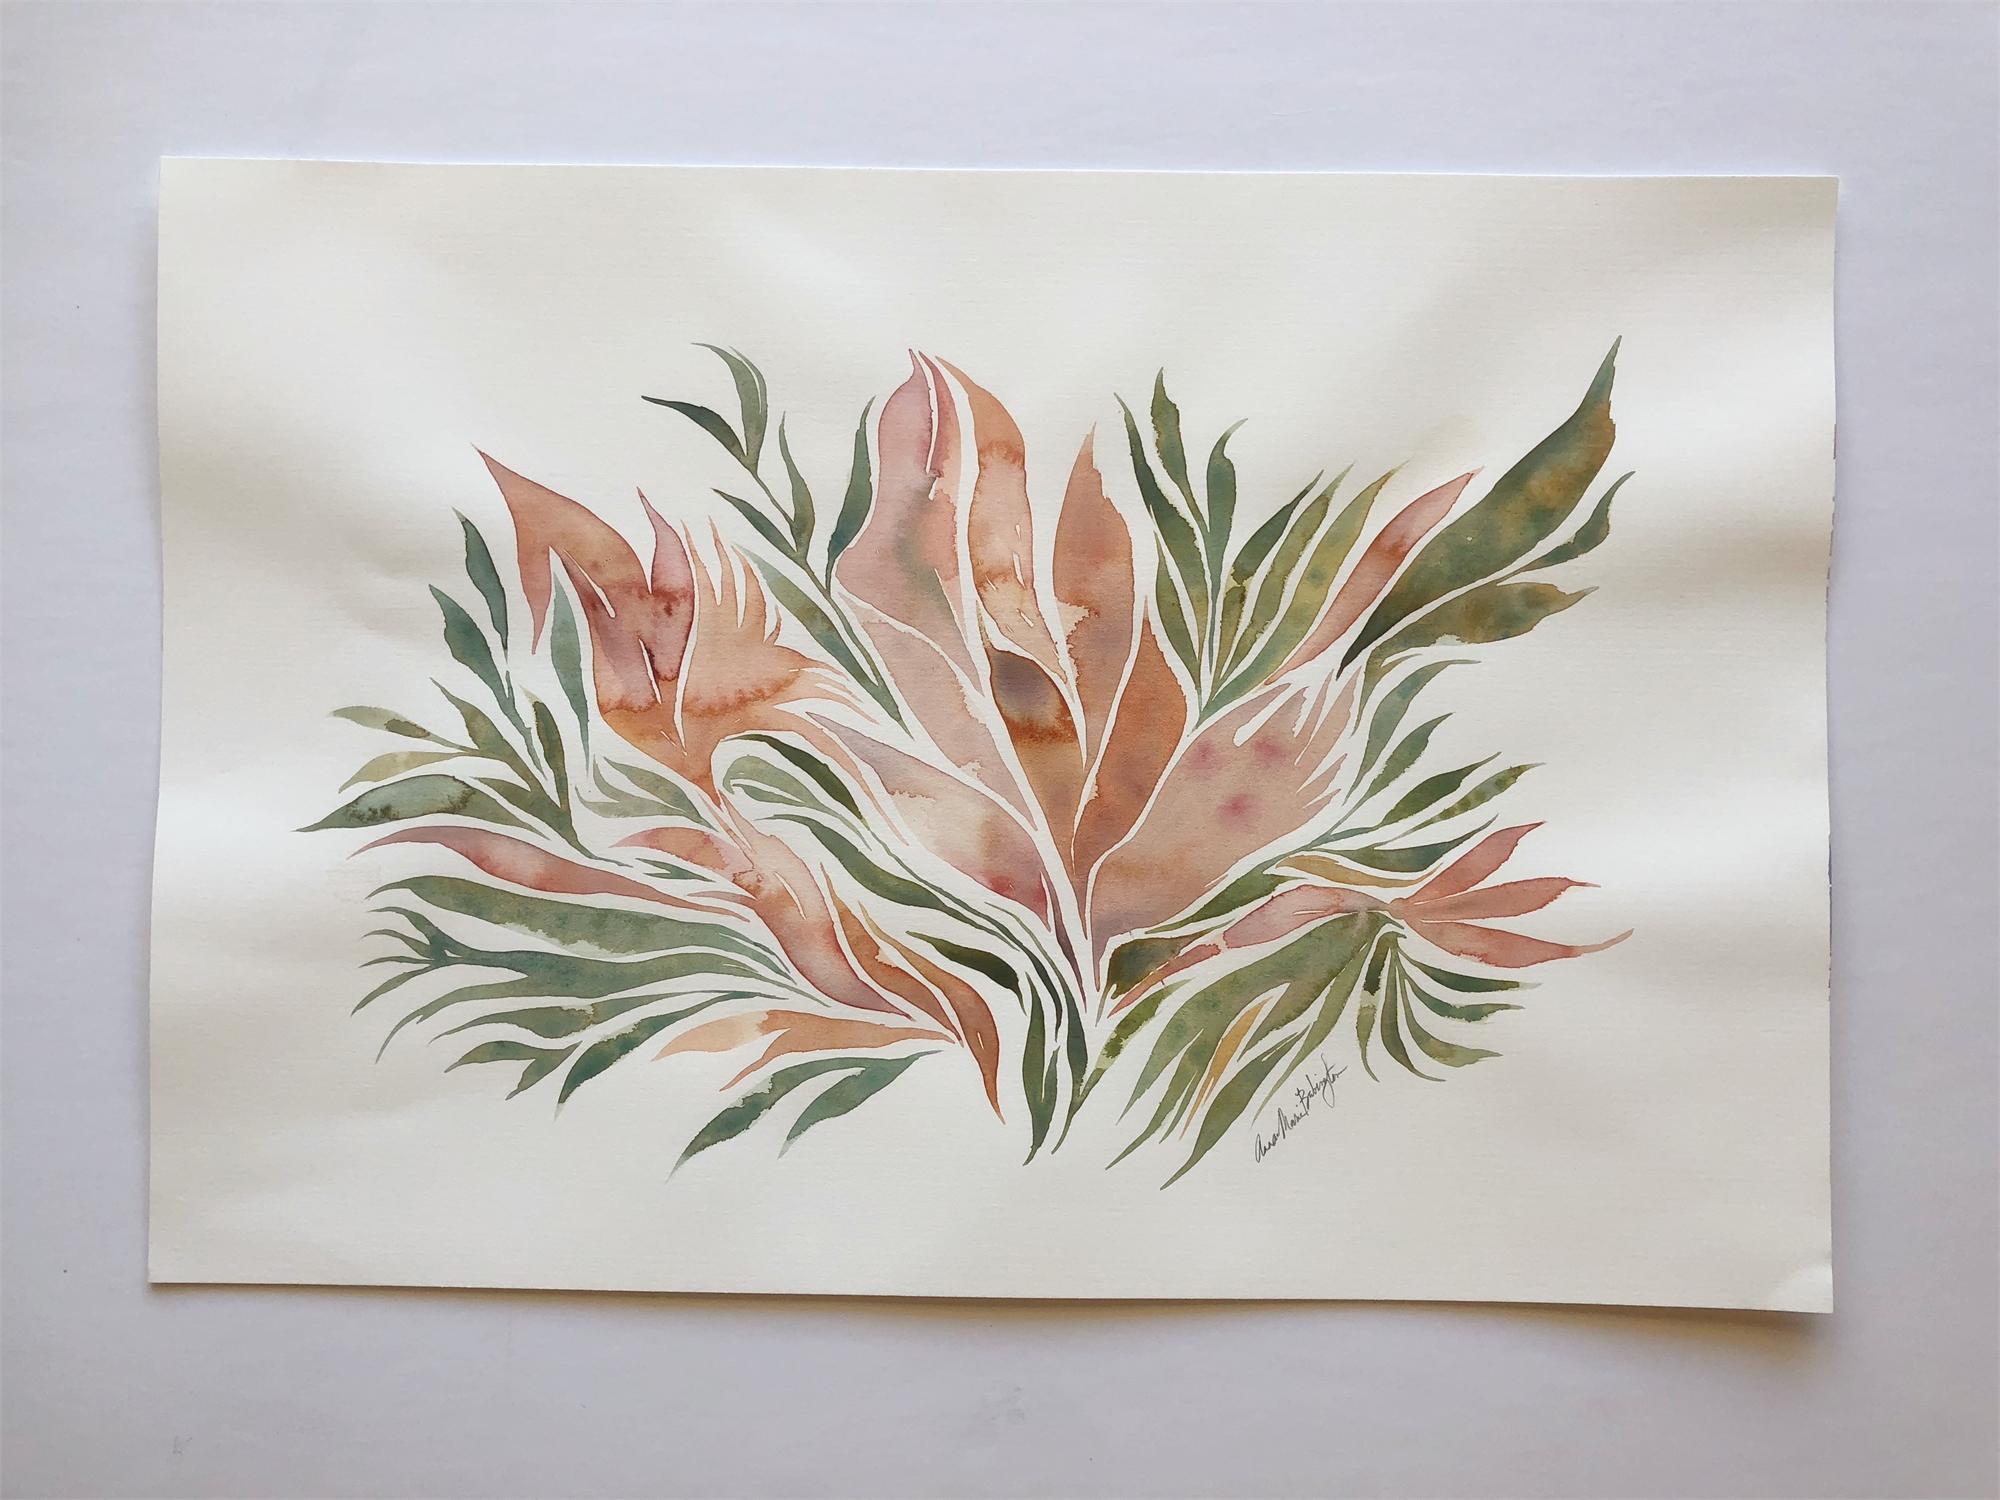 Blossom III by Anna-Marie Babington